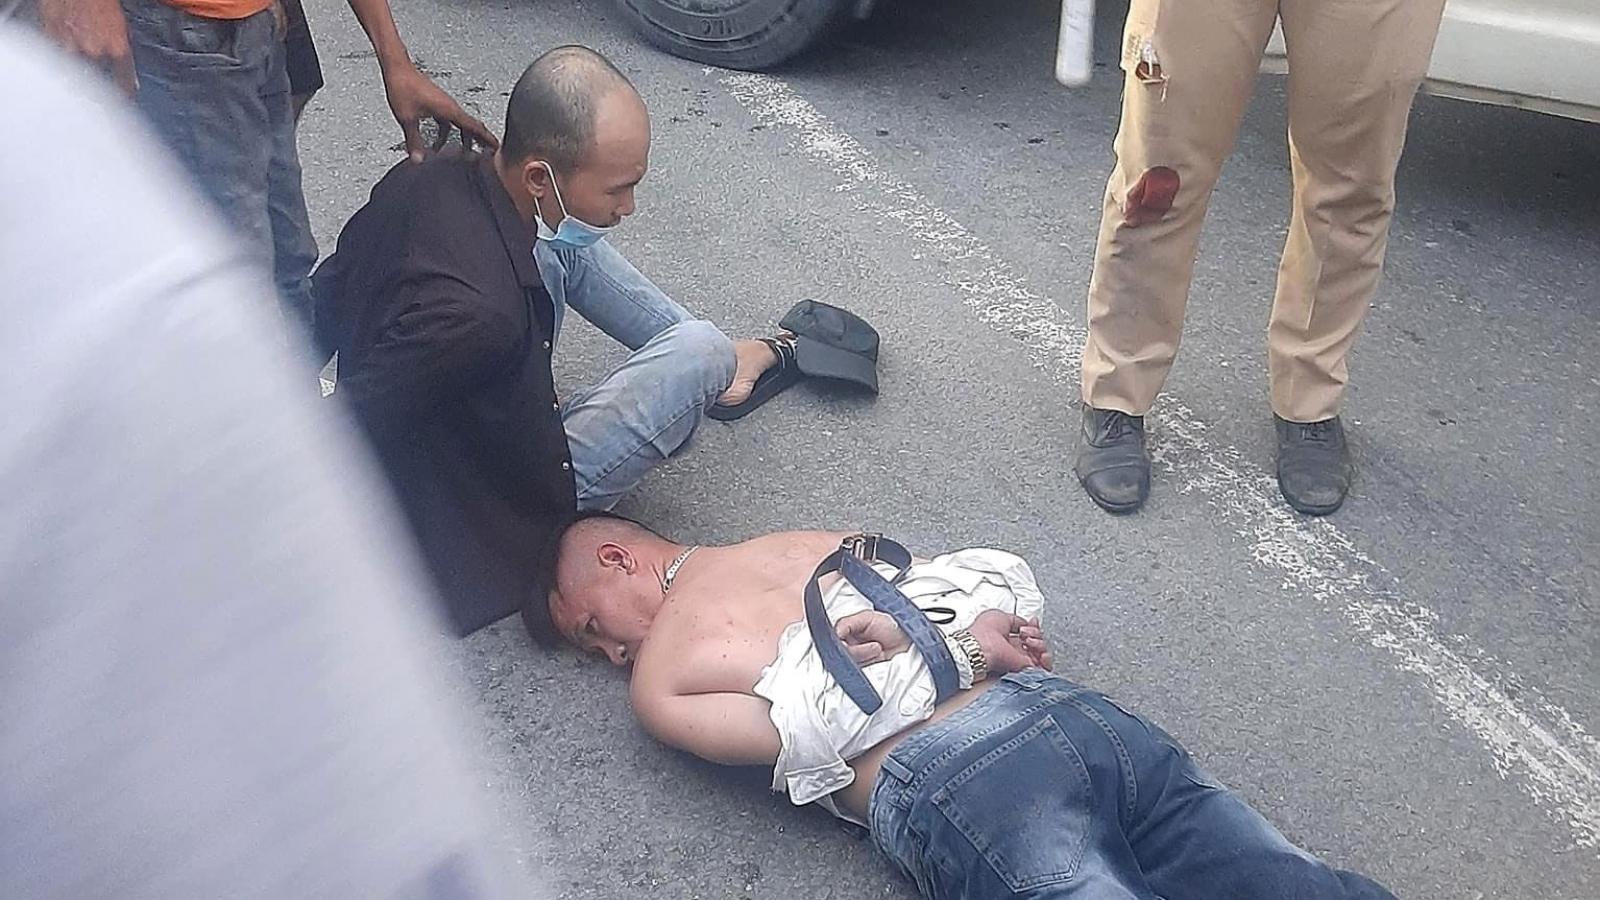 Tài xế dương tính với ma túy tông xe vào cảnh sát giao thông